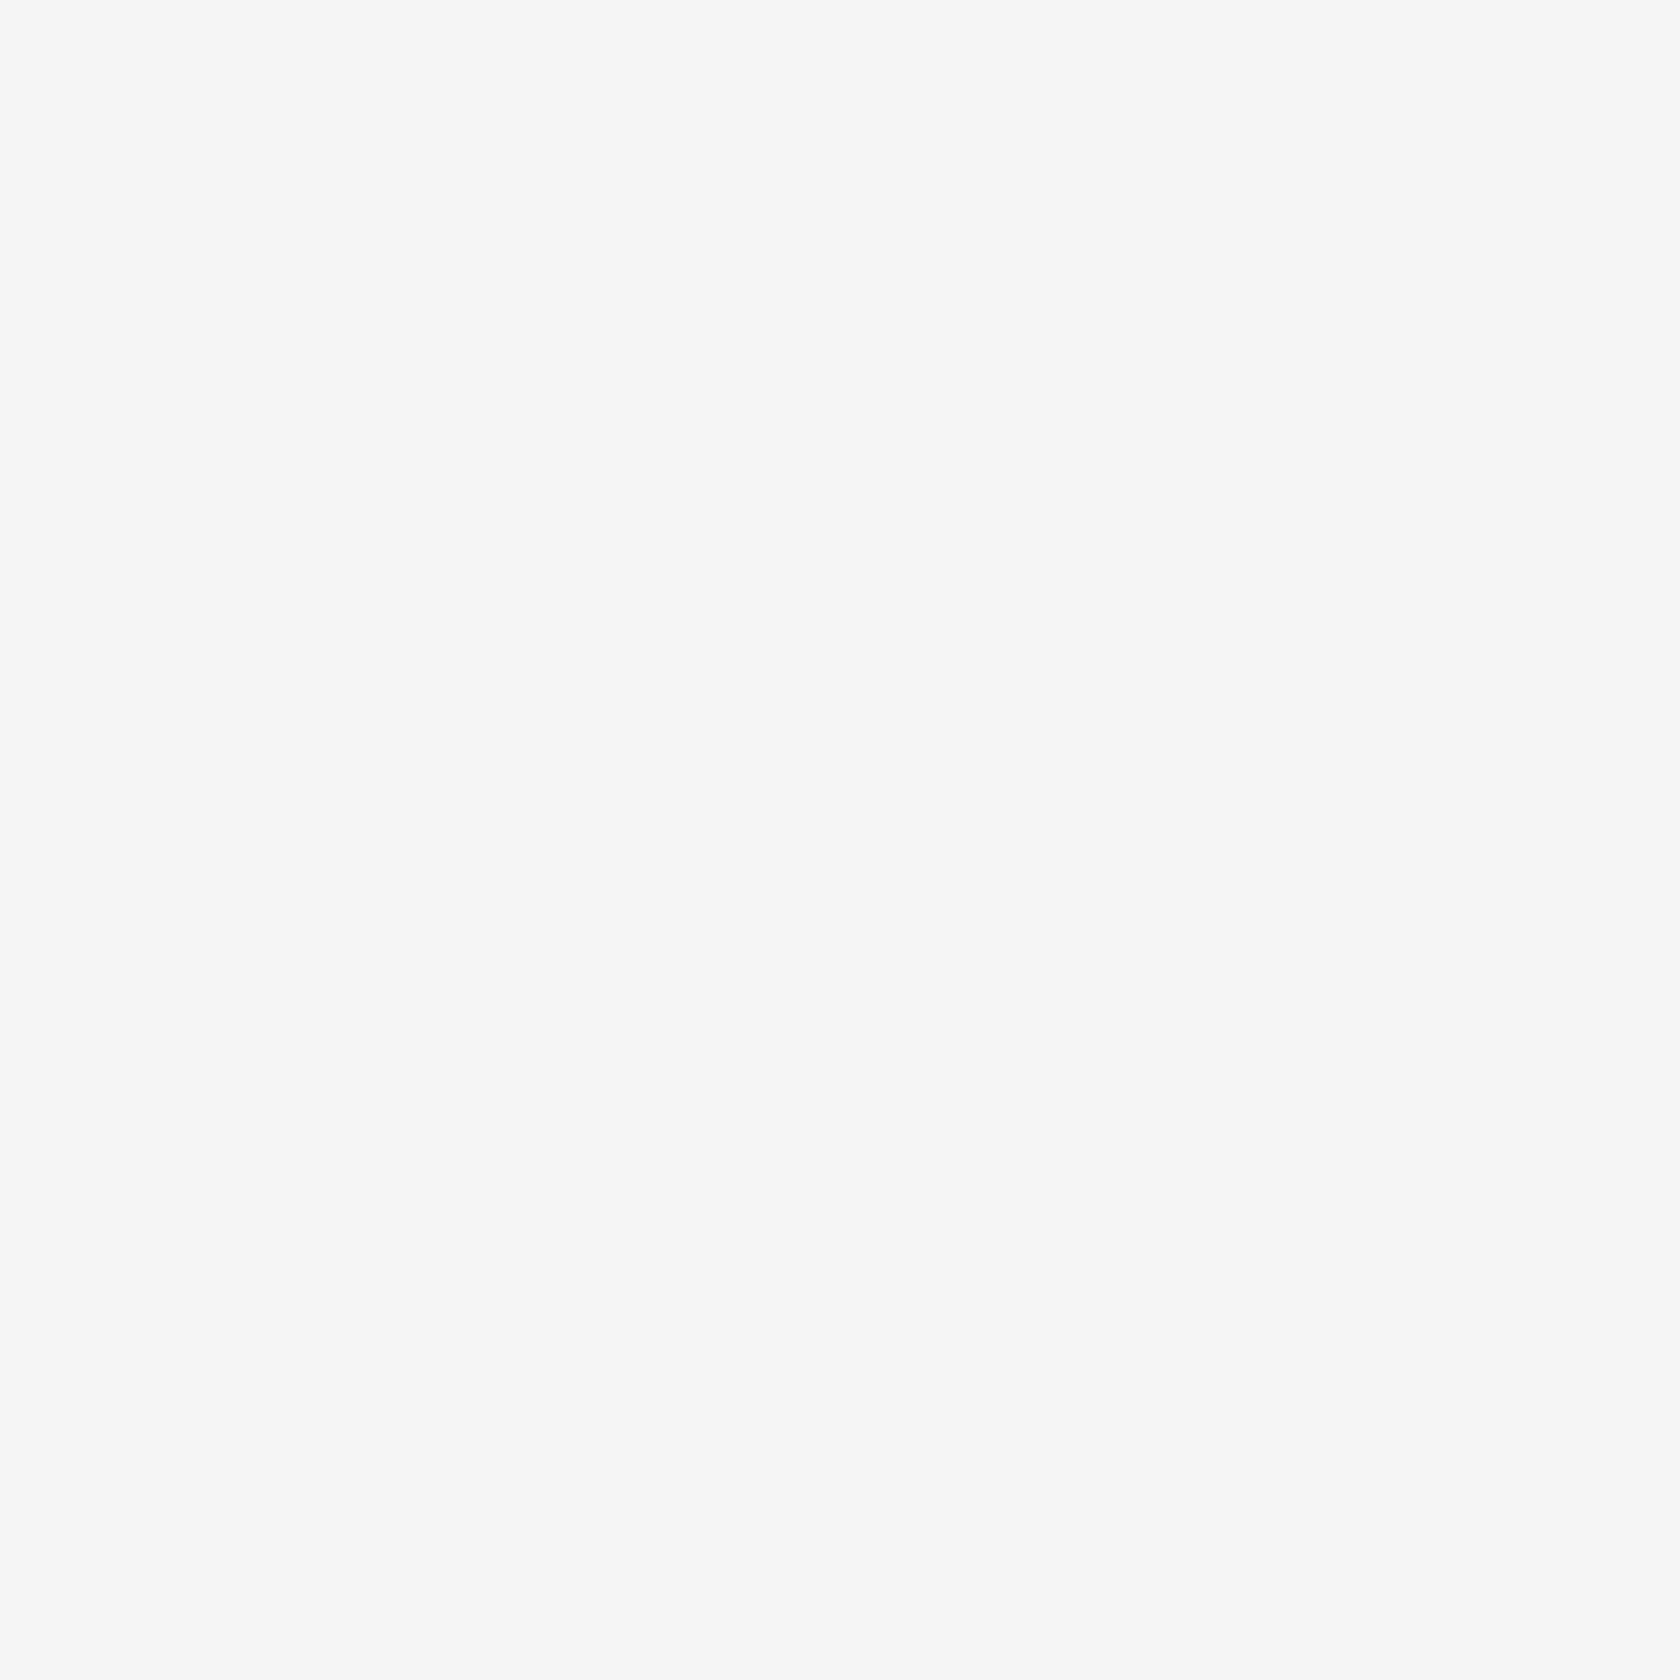 Et Jardin Un Bain Sur Parfumé Le Gel Nil Douche Nn0wOk8PX